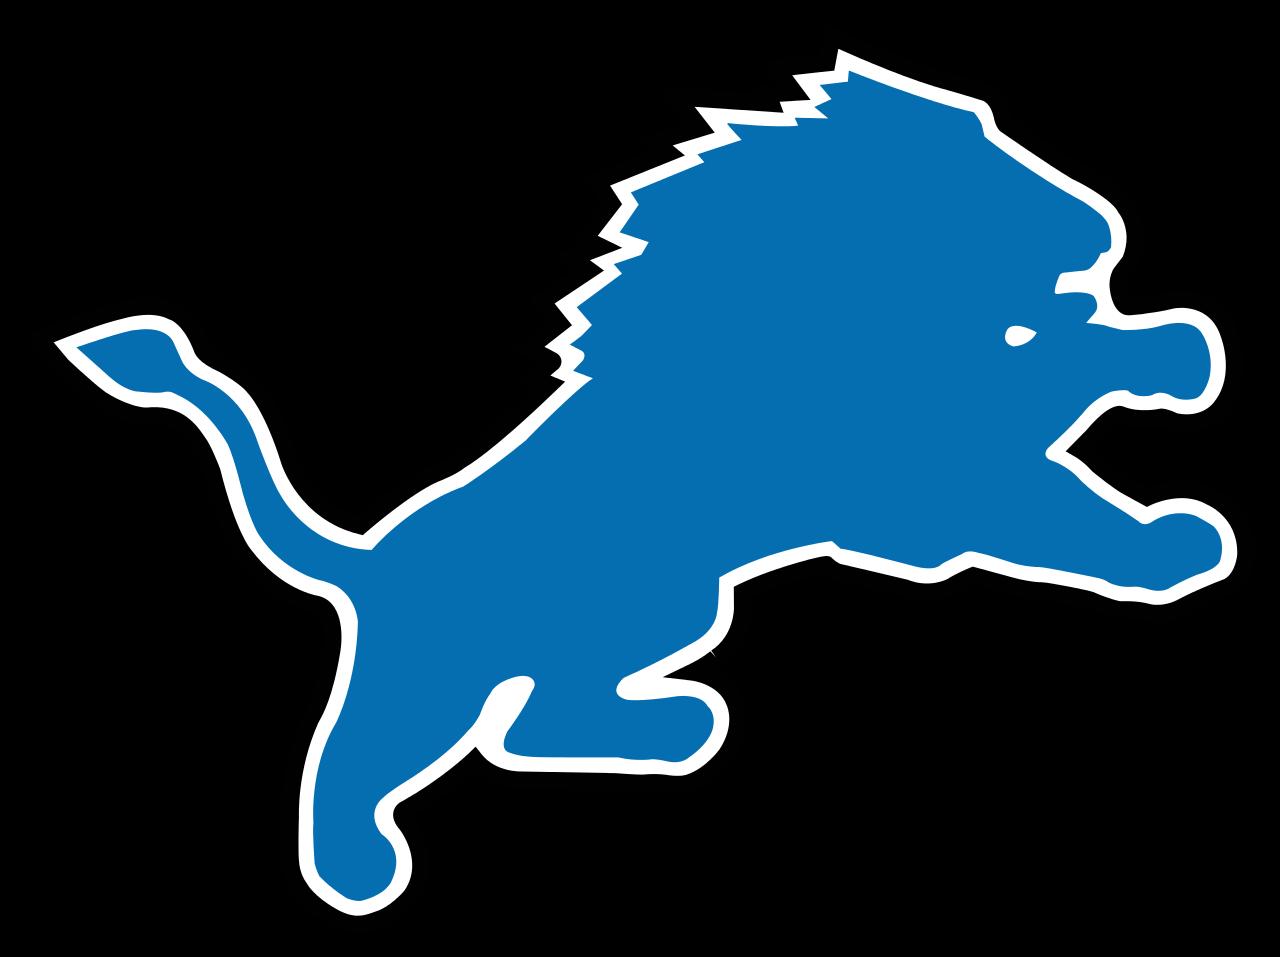 9 detroit lions logo vector images nfl detroit lions nfl logo font style nfl logo font generator